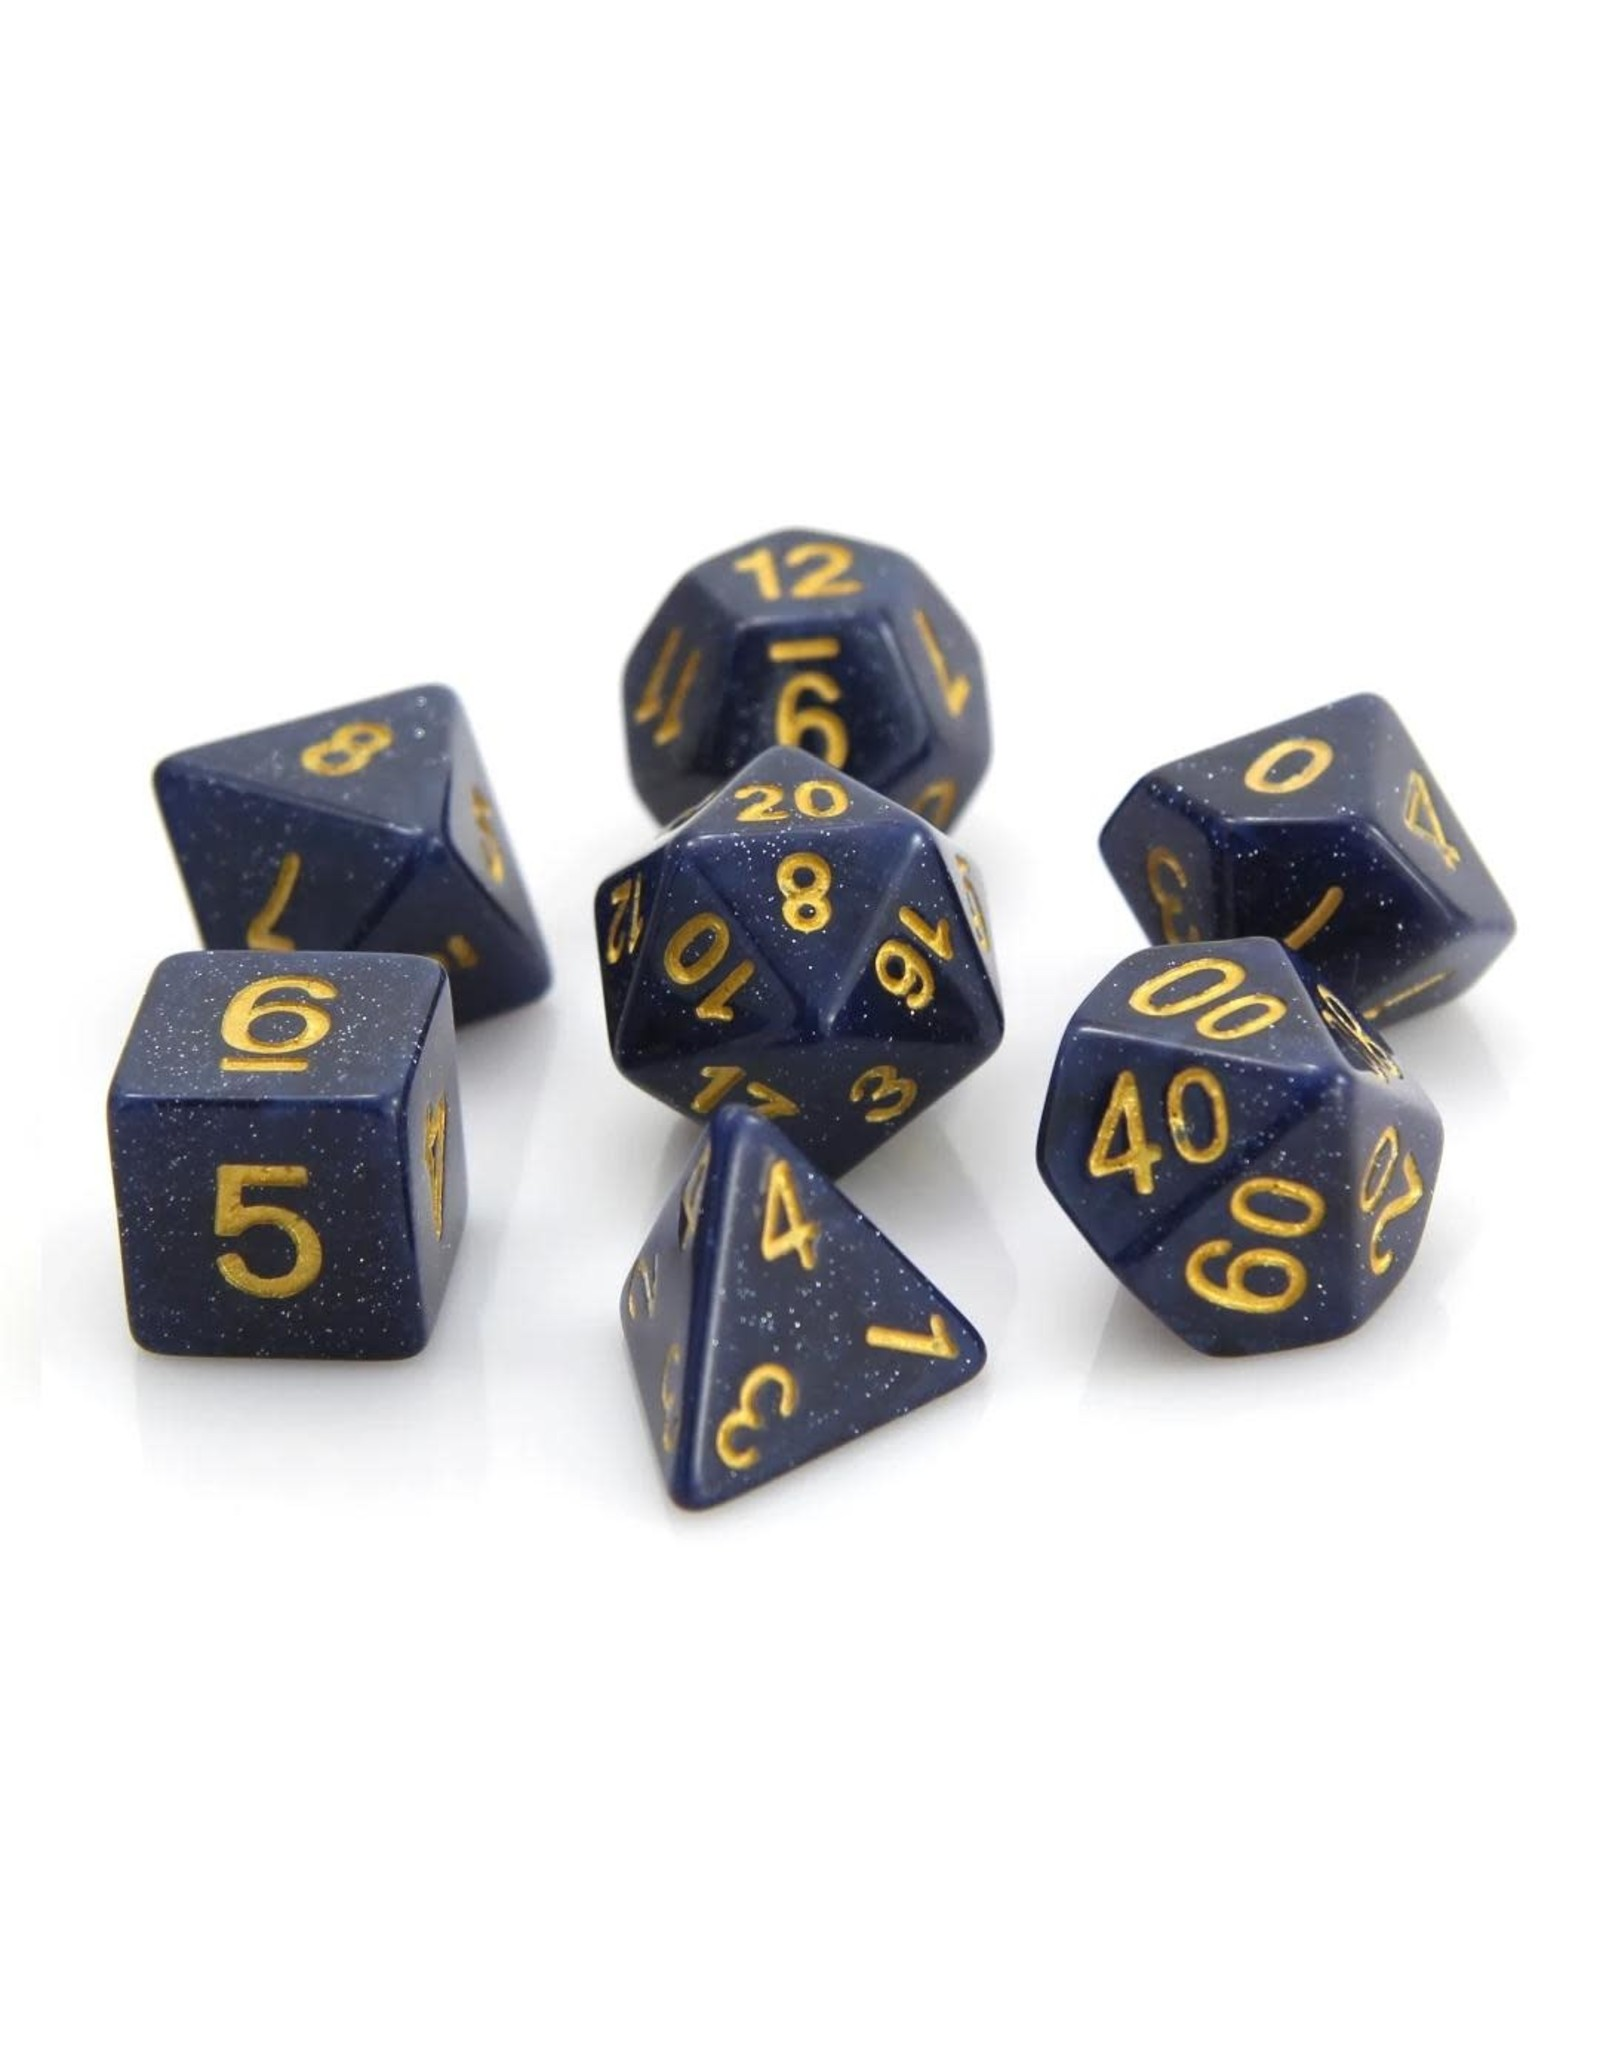 DIE HARD DICE DIE HARD DICE 7 CT RPG DICE SET - BLUE GALAXY